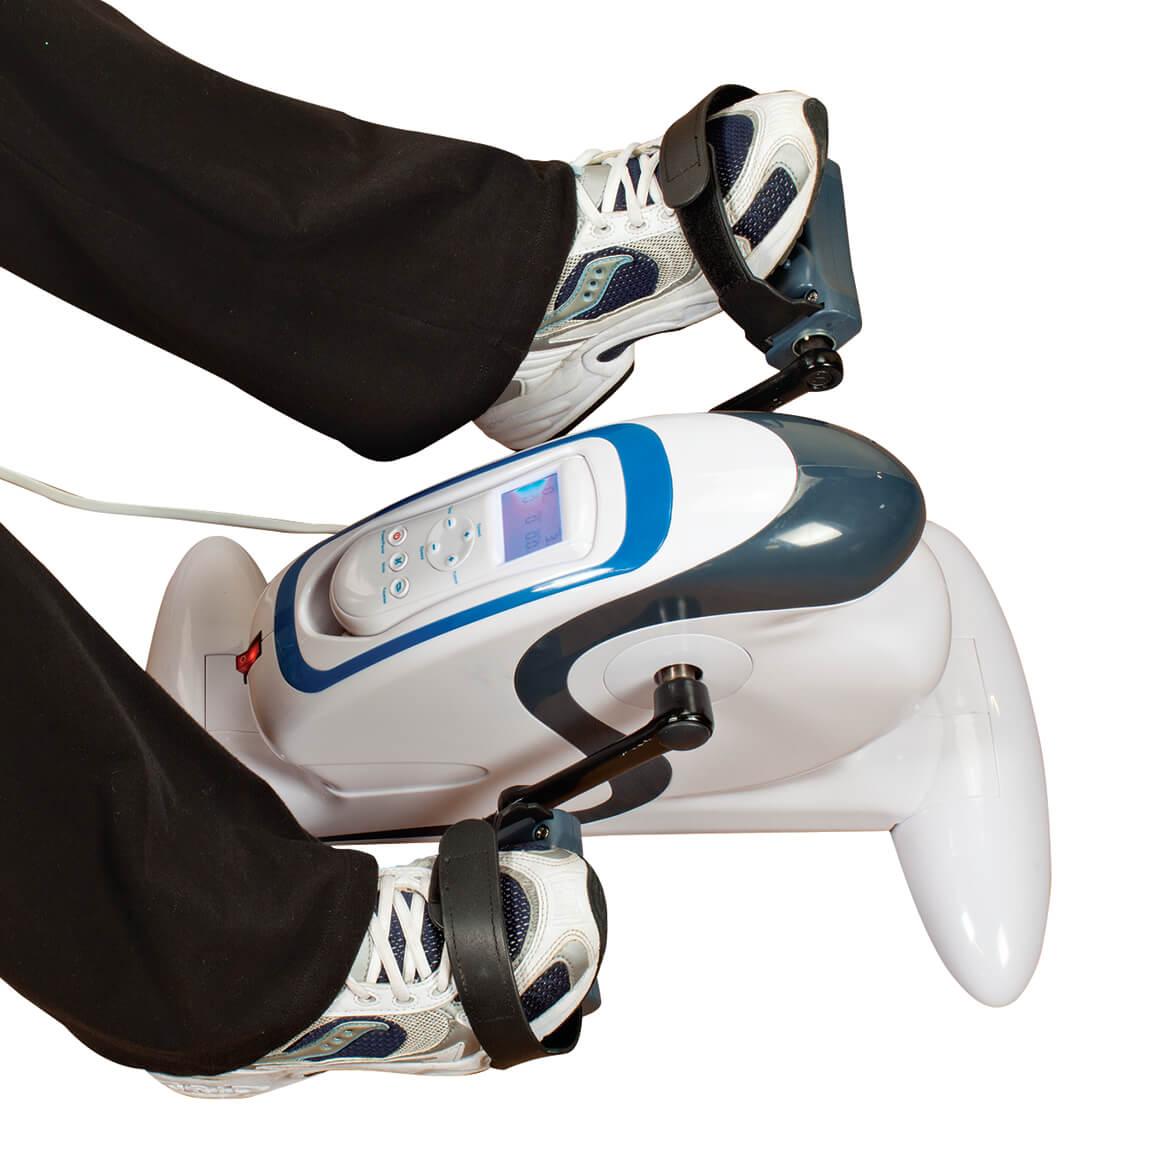 Motorized Pedal Exerciser